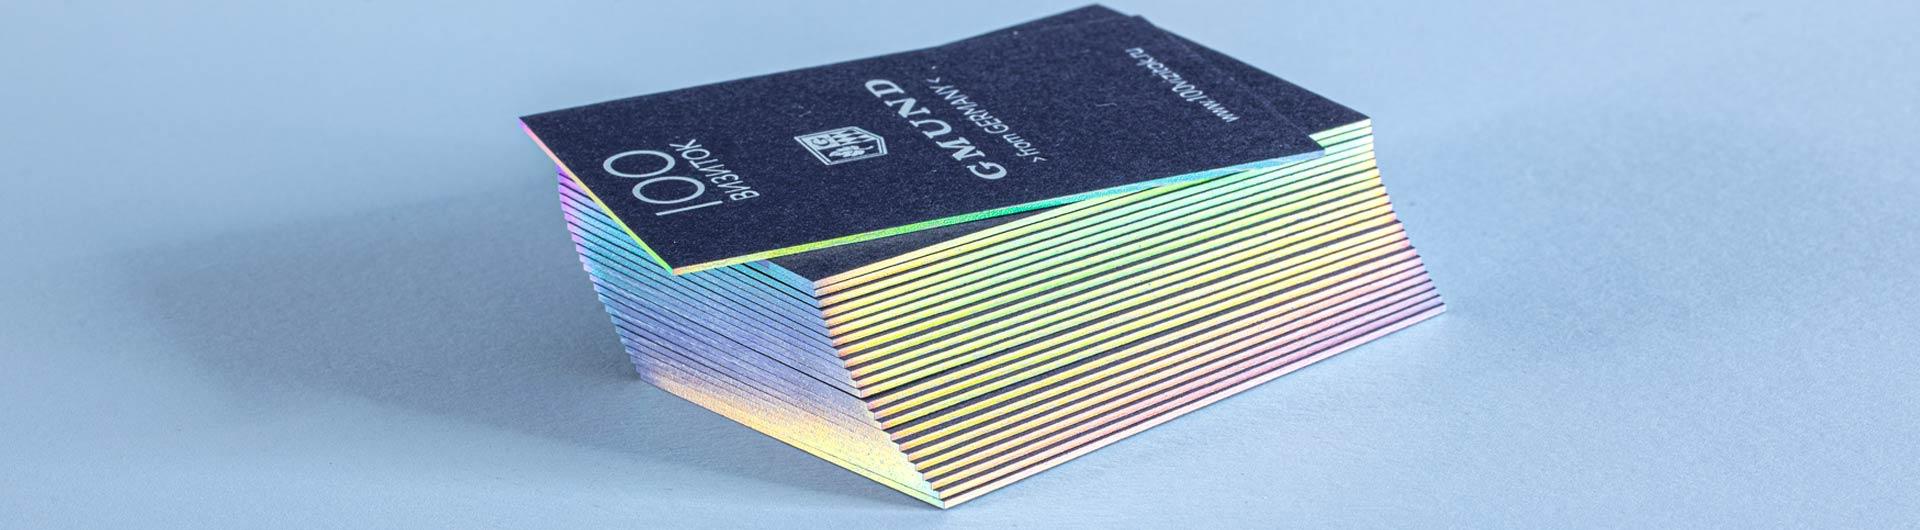 Золочение торцов визитки